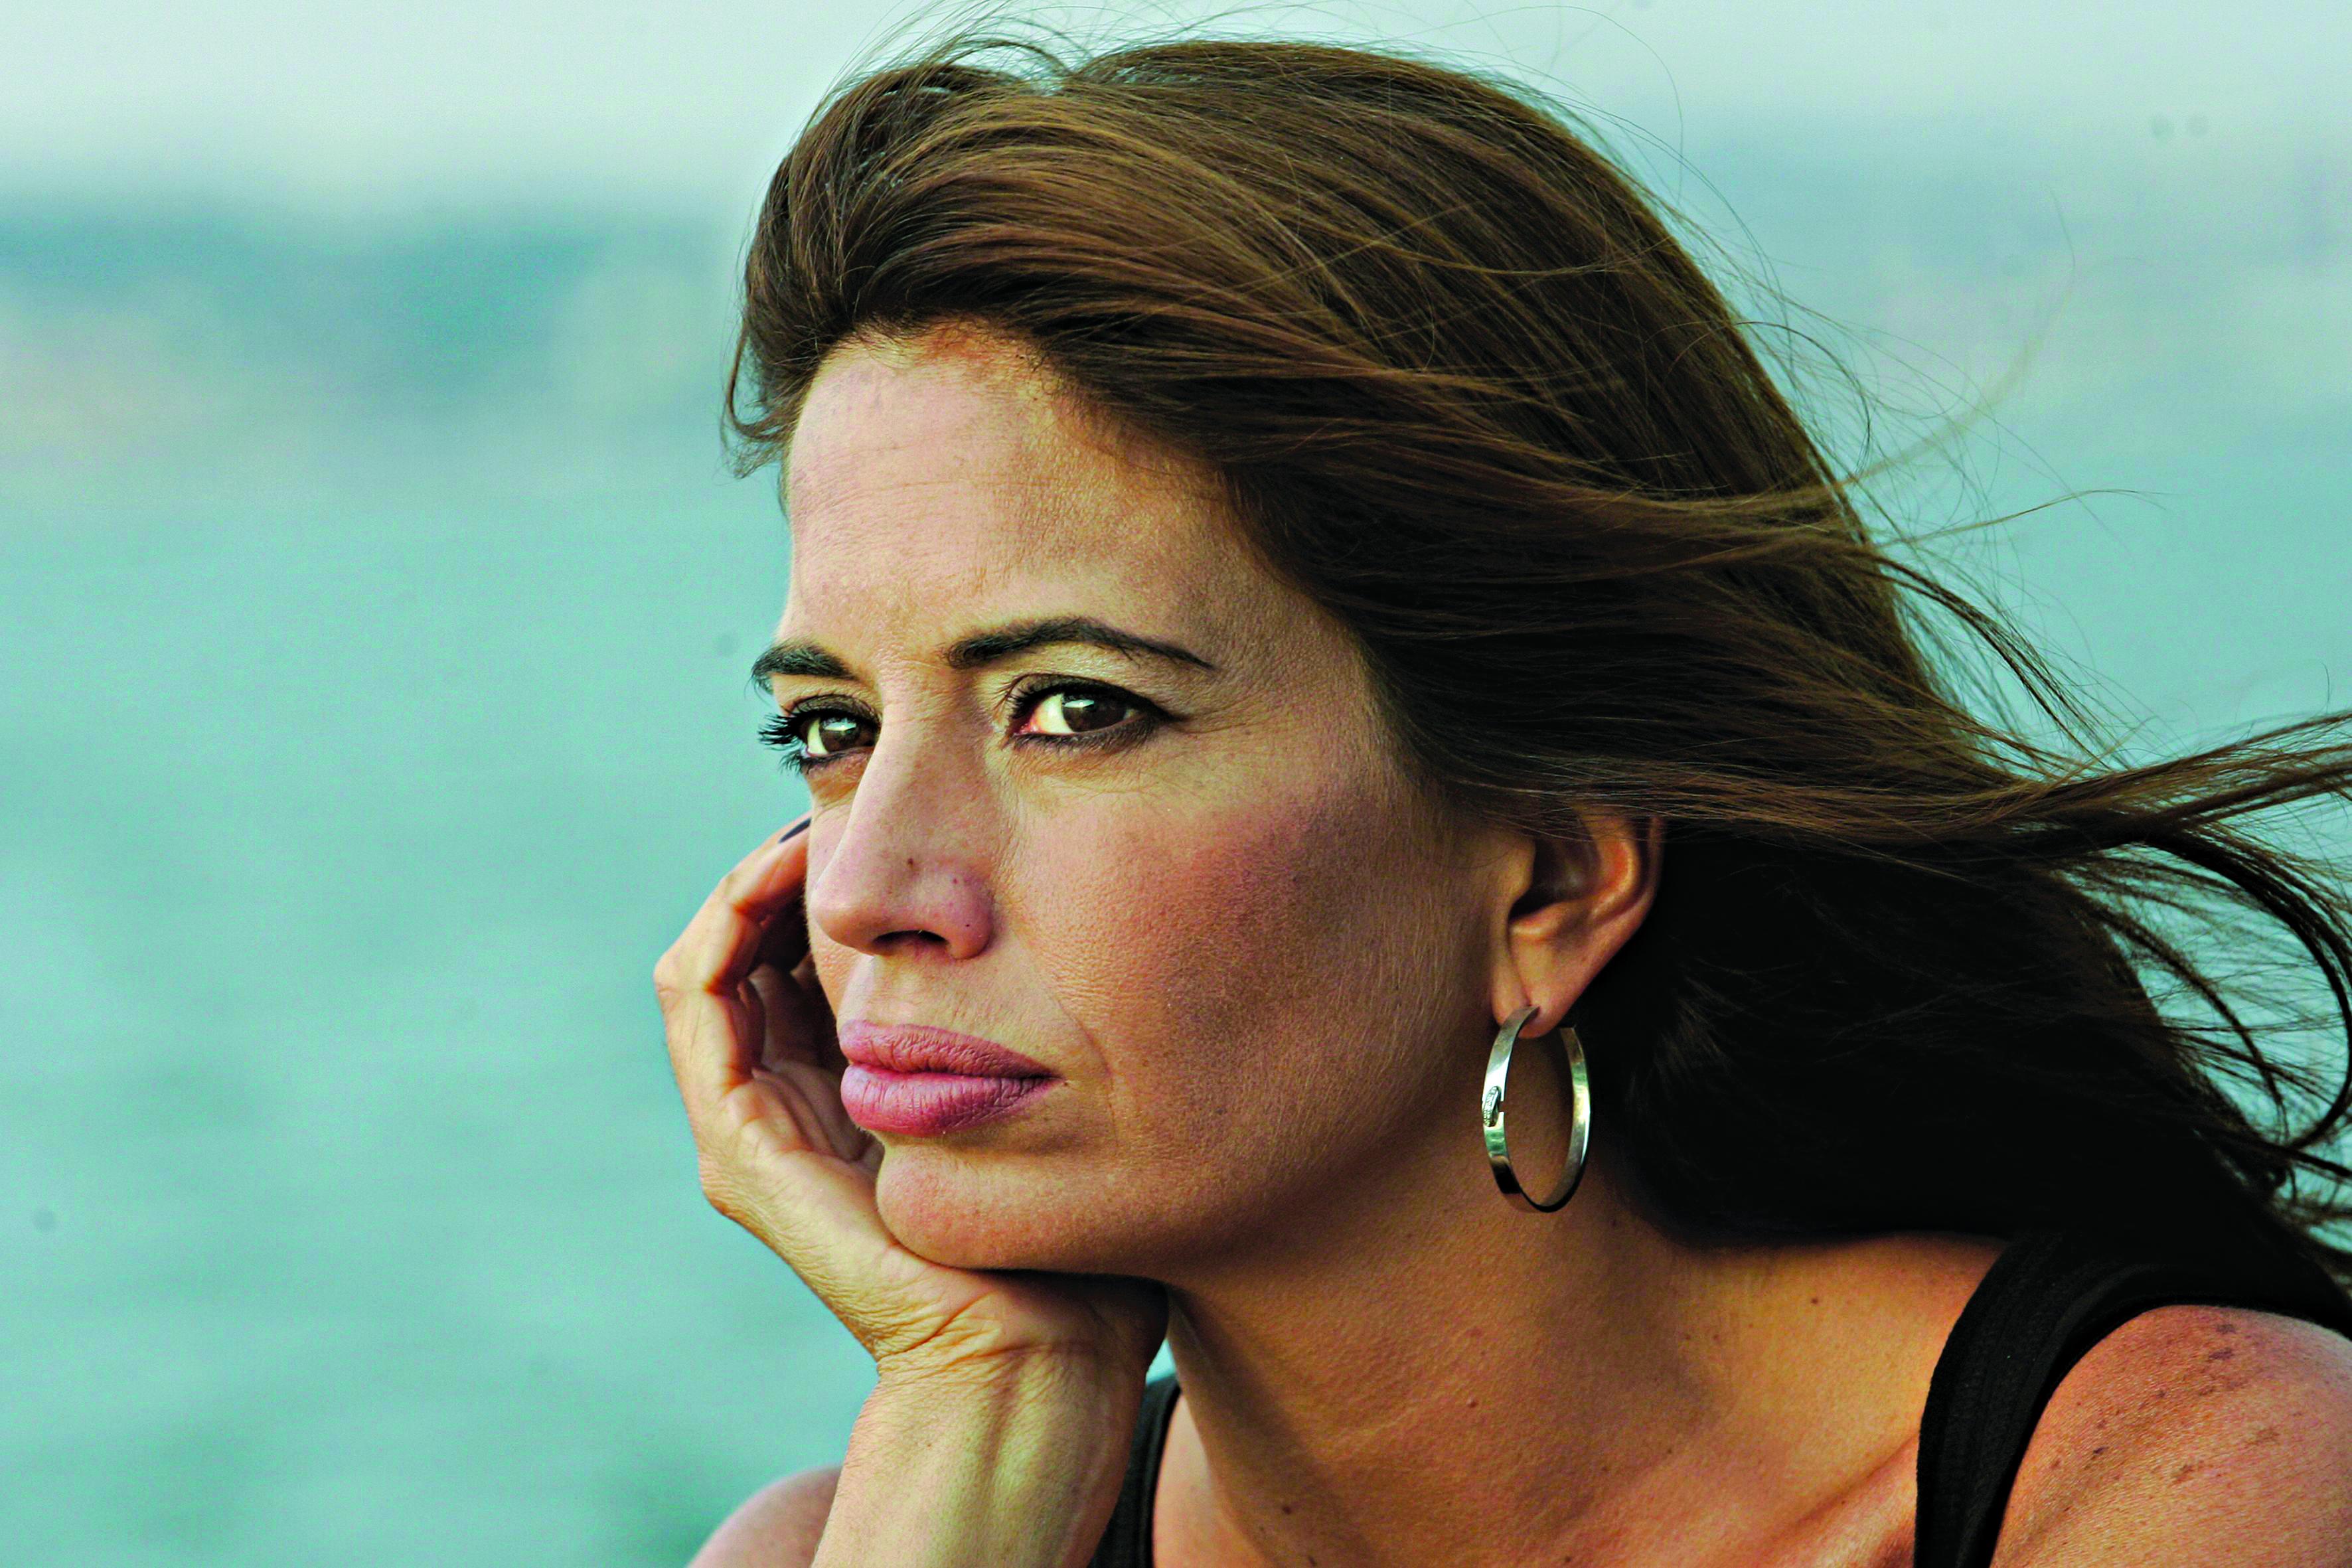 Bárbara Guimarães reage à condenação de Carrilho